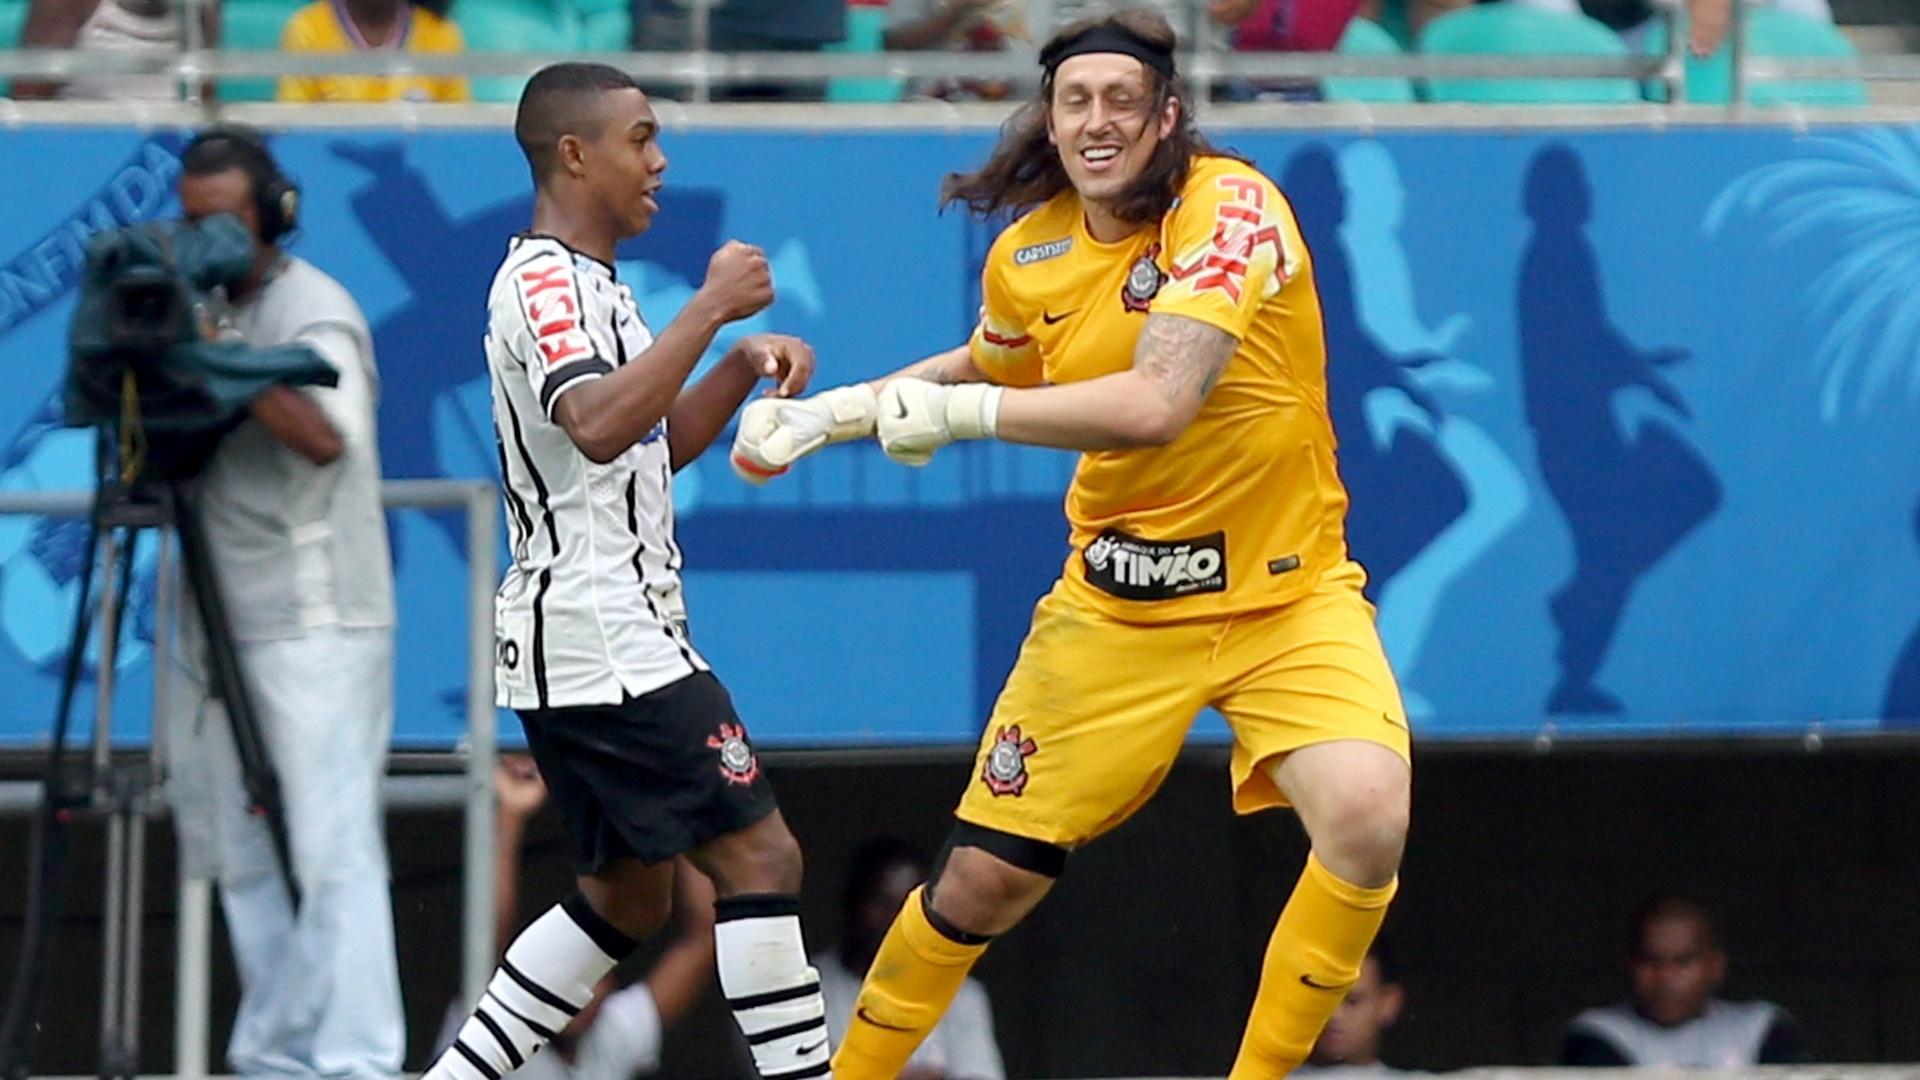 Malcom cumprimenta Cássio, autor do passe que originou o gol do atacante do Corinthians contra o Bahia